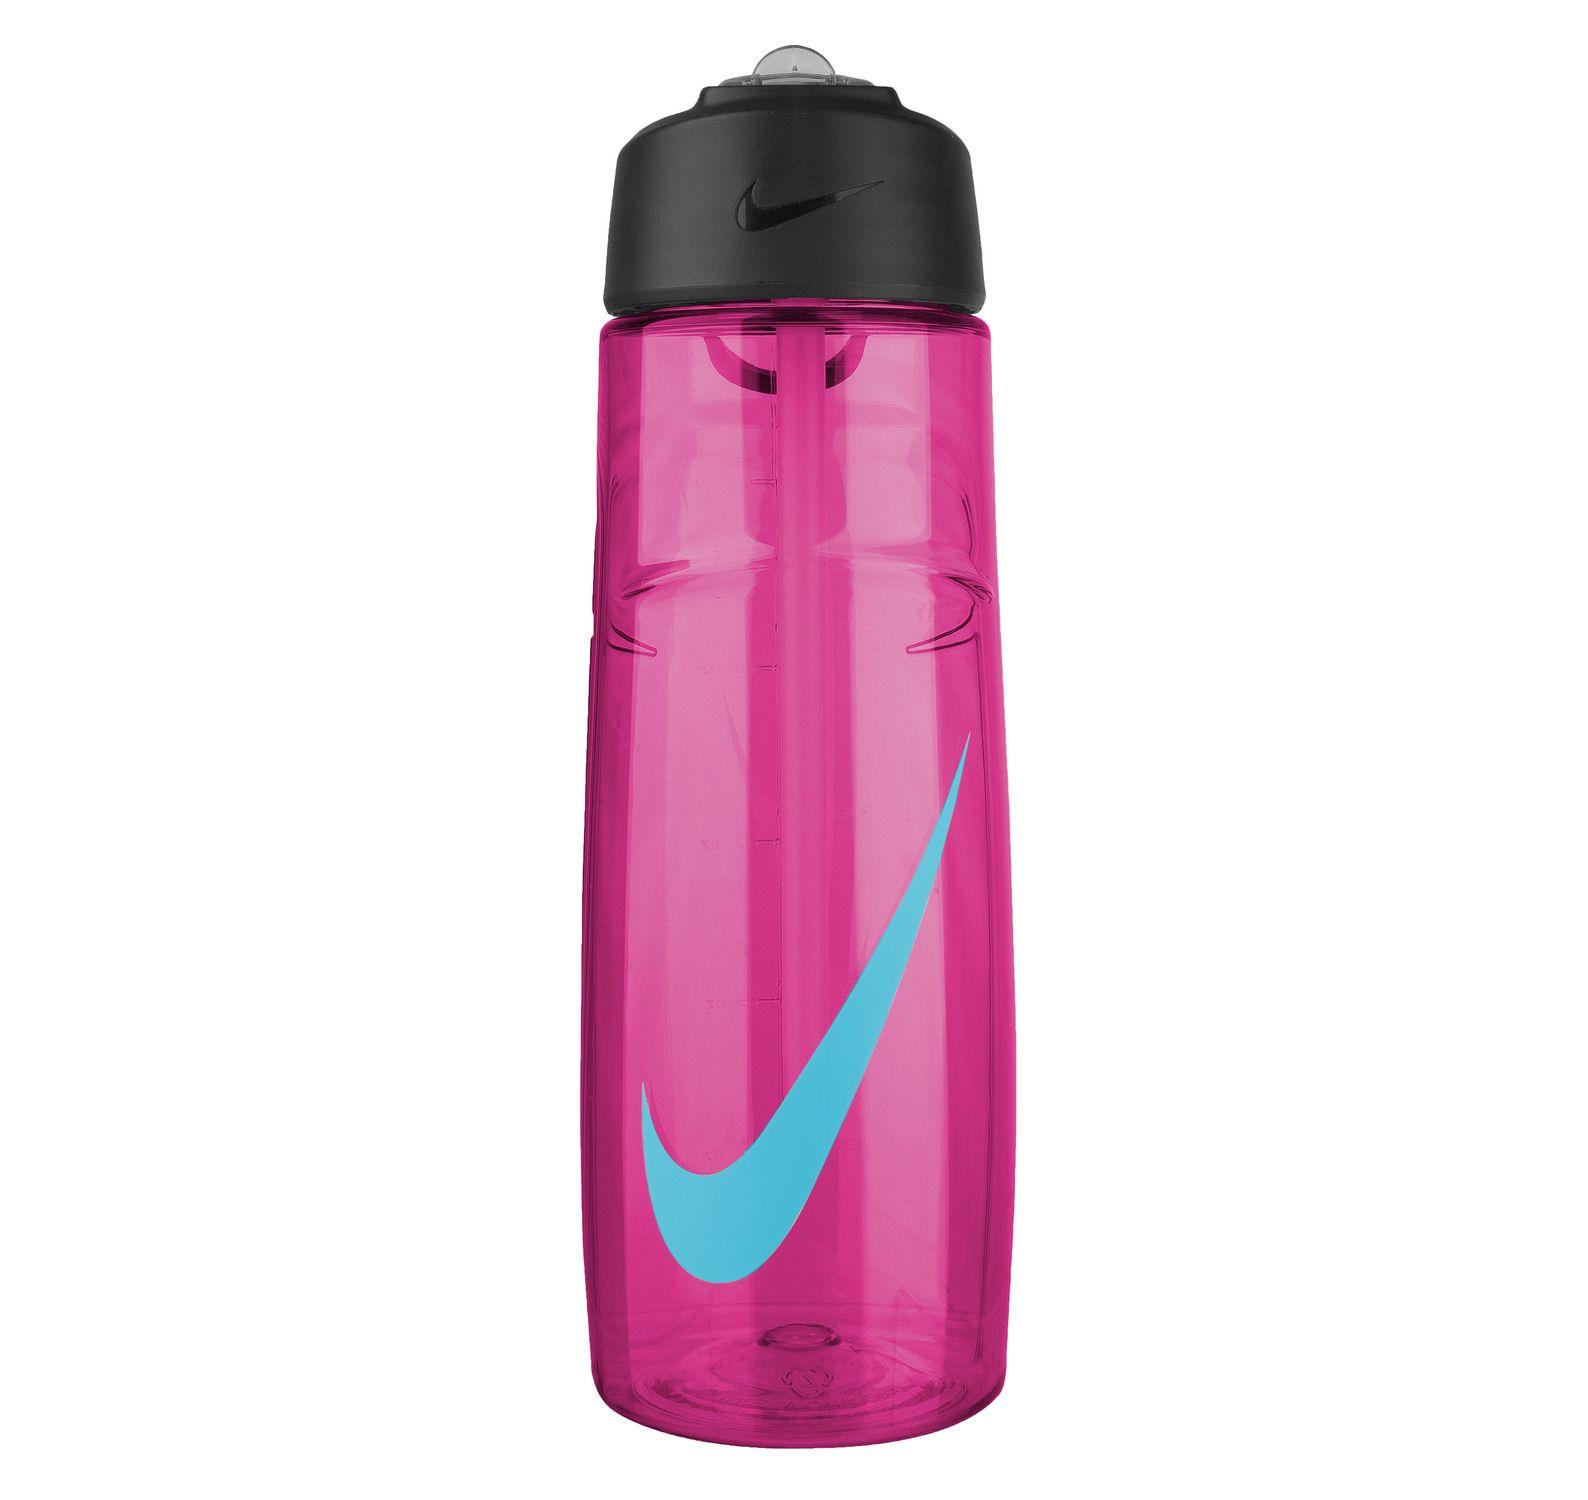 Nike T1 Flow Swoosh Water Bott, Vivid Pink/Gamma Blue, 700, Nike